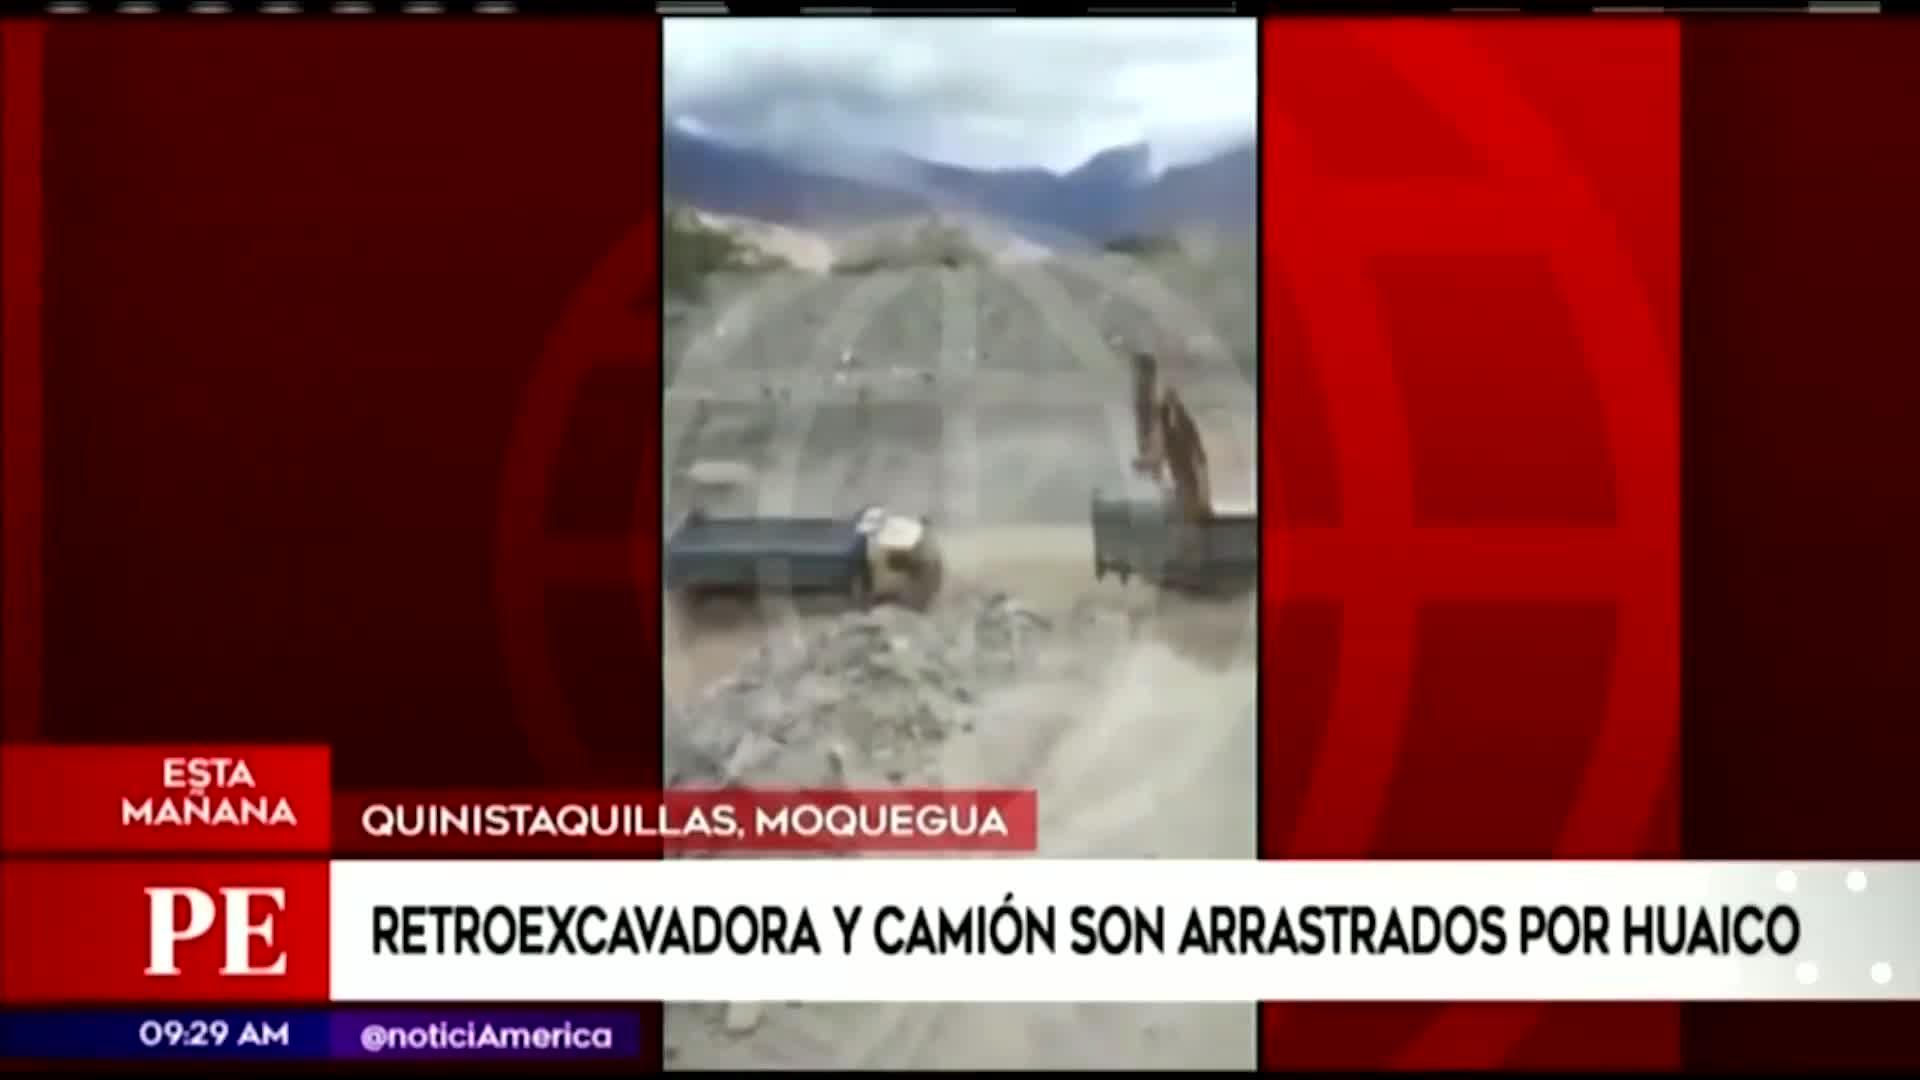 Moquegua: camión y retroexcavadora fueron arrastrados por huaico